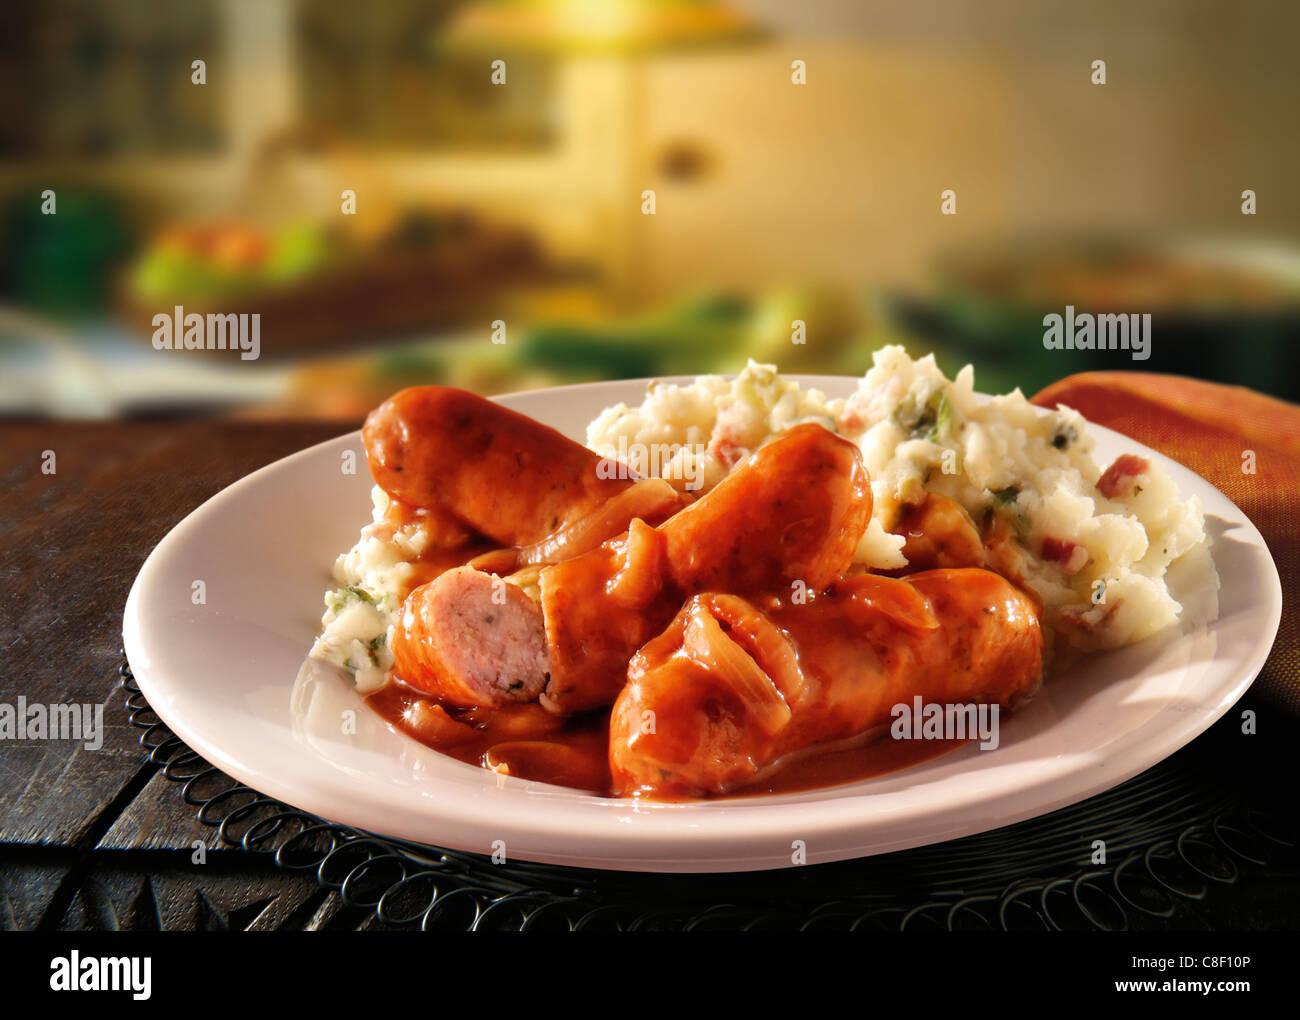 Cocinado tradicional salchichas y puré de patatas servido en un plato blanco en una mesa dispuesta para comer Foto de stock